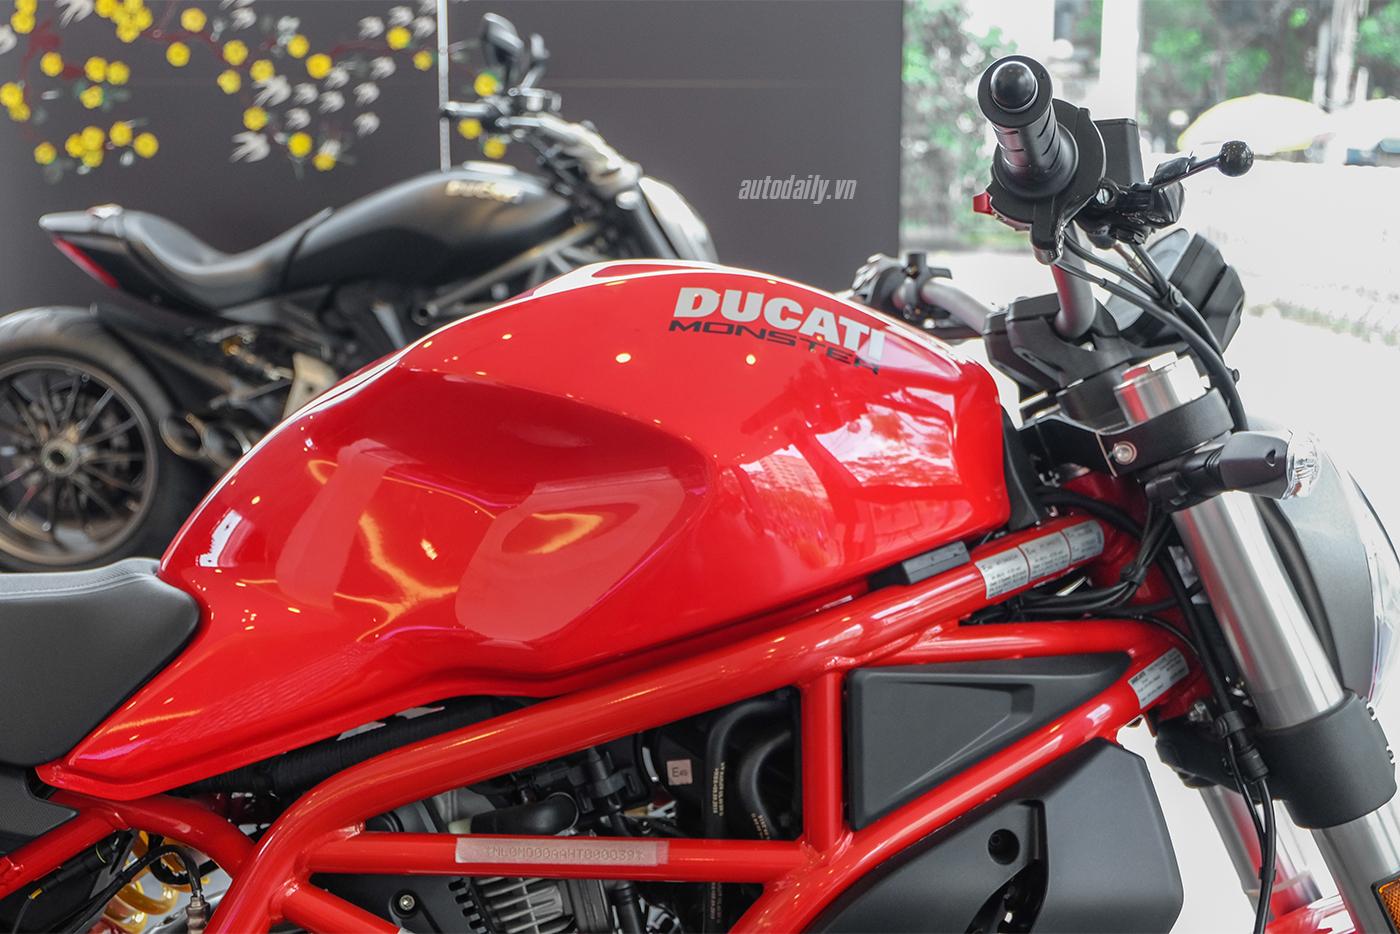 ducati-monster-797-8.jpg